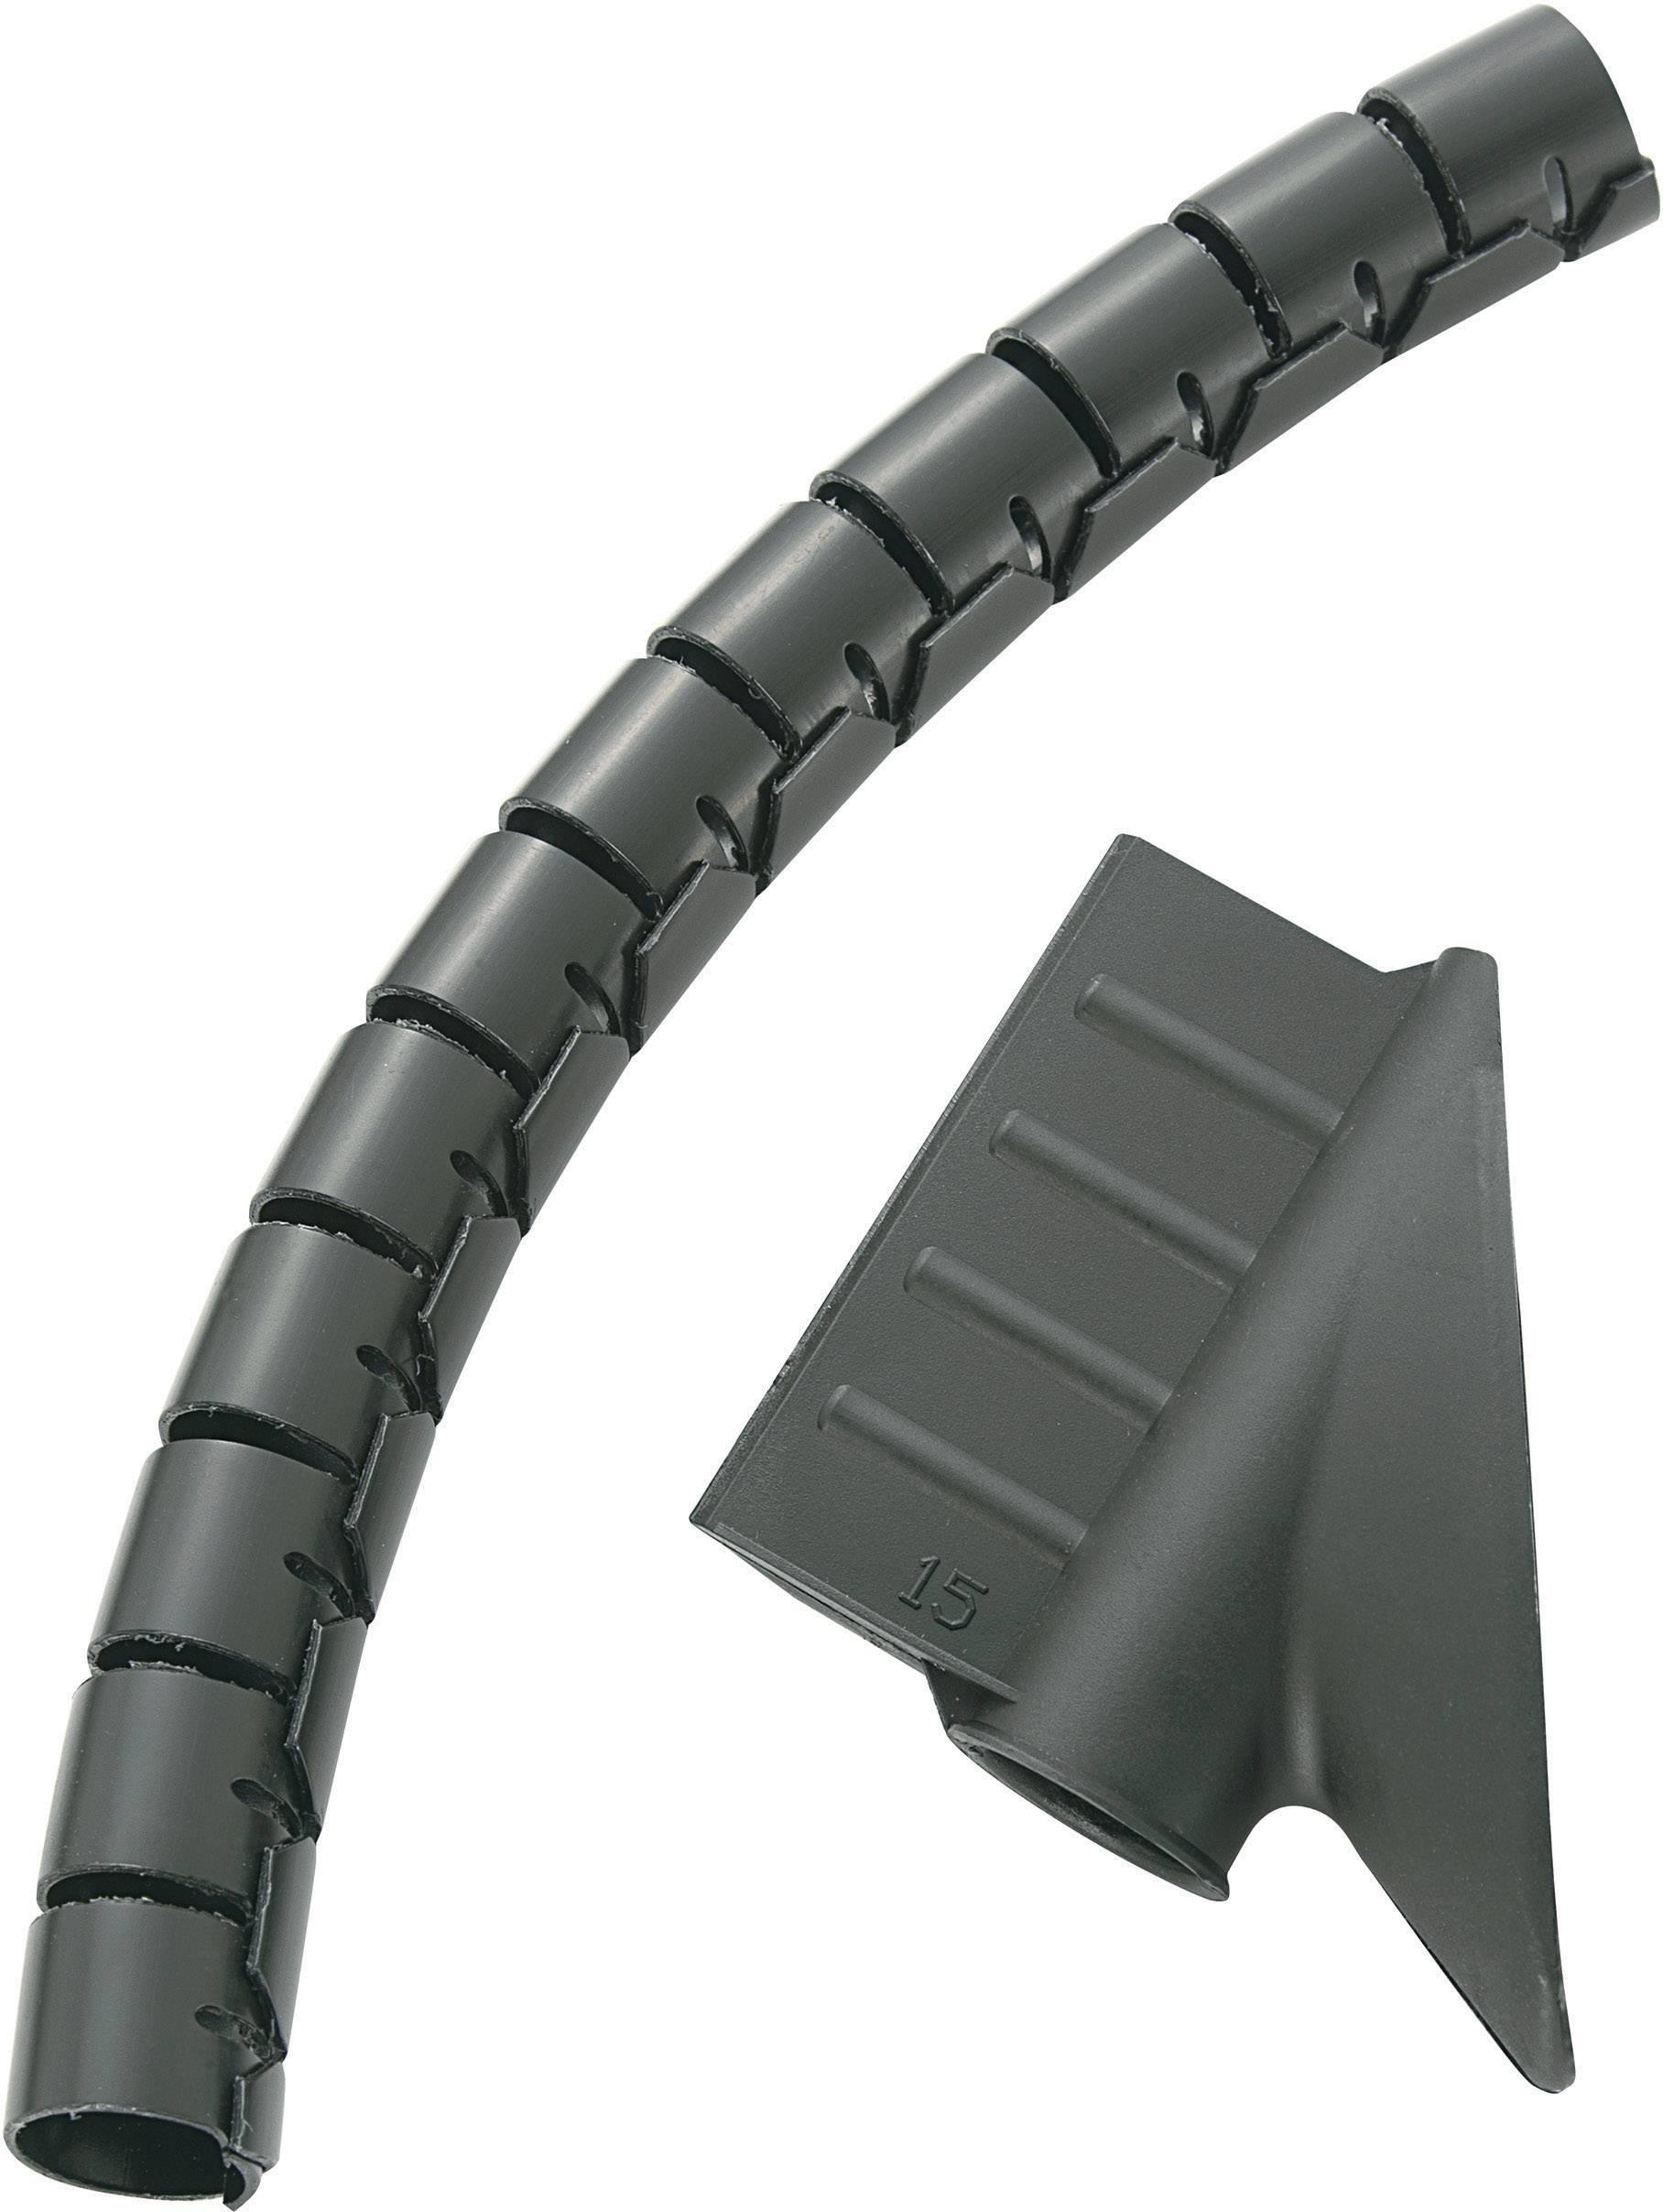 Spirálová trubice na kabely KSS MX-KLT25SL (28530c1034), 25 mm, stříbrná